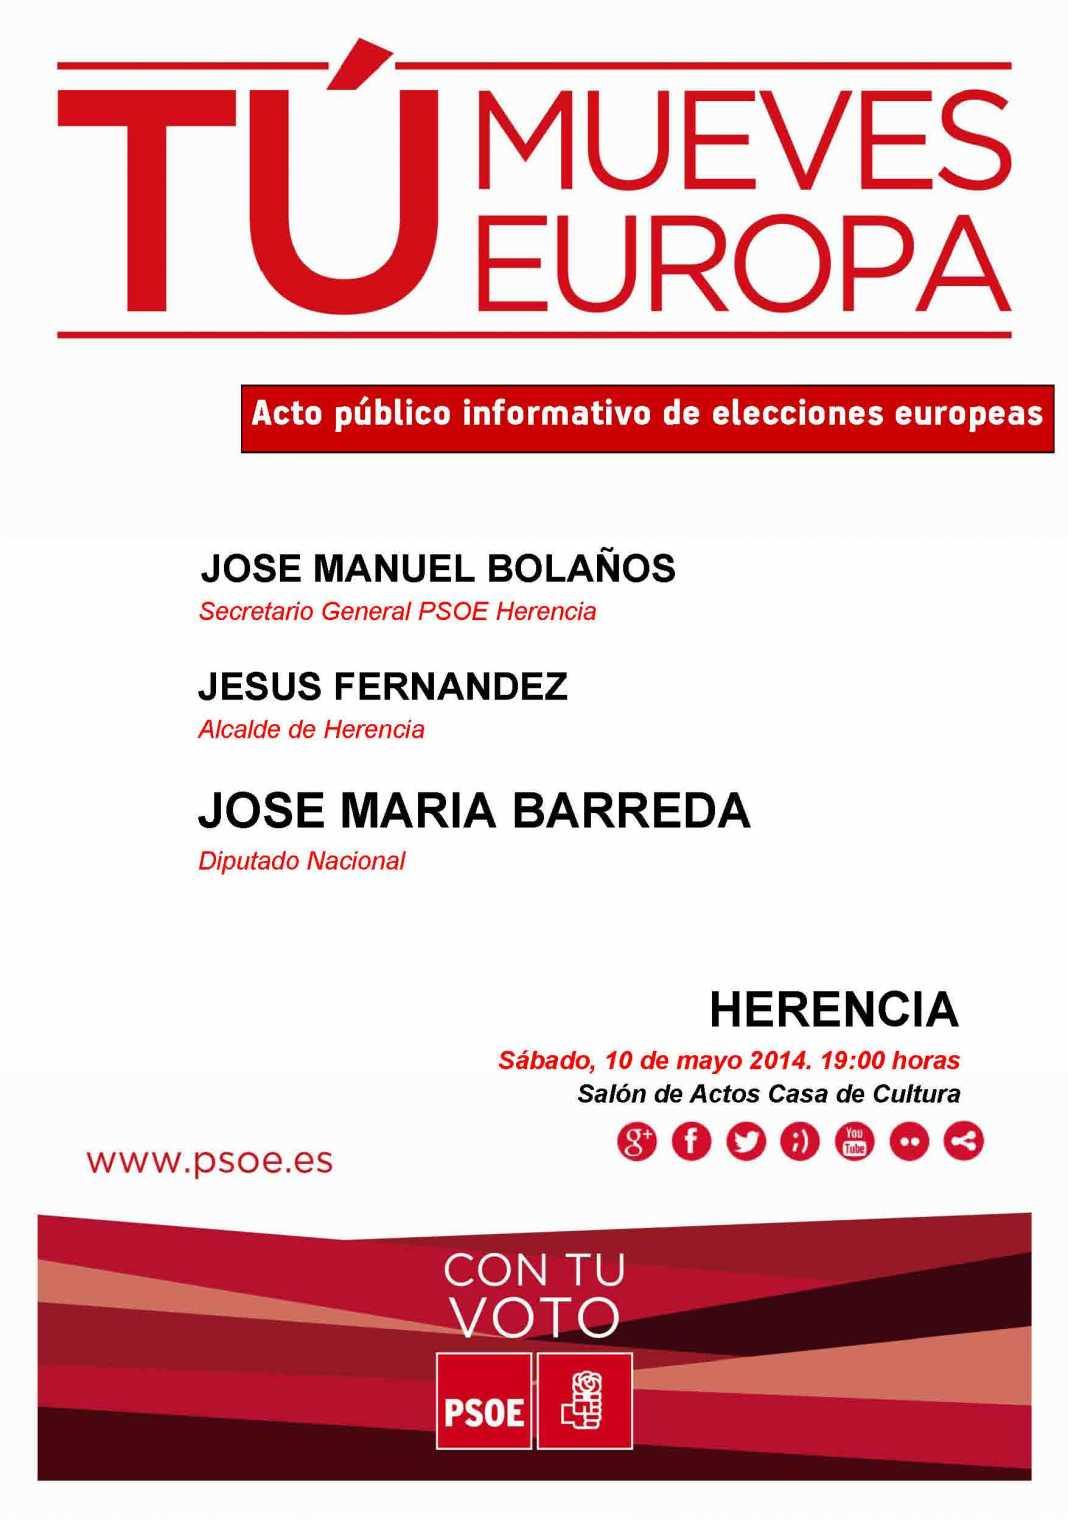 cartel mitin herencia dia 10 de mayo 1068x1520 - El reparto de un folleto informativo y la celebración de un acto público marcan el comienzo de la agrupación socialista en las elecciones europeas